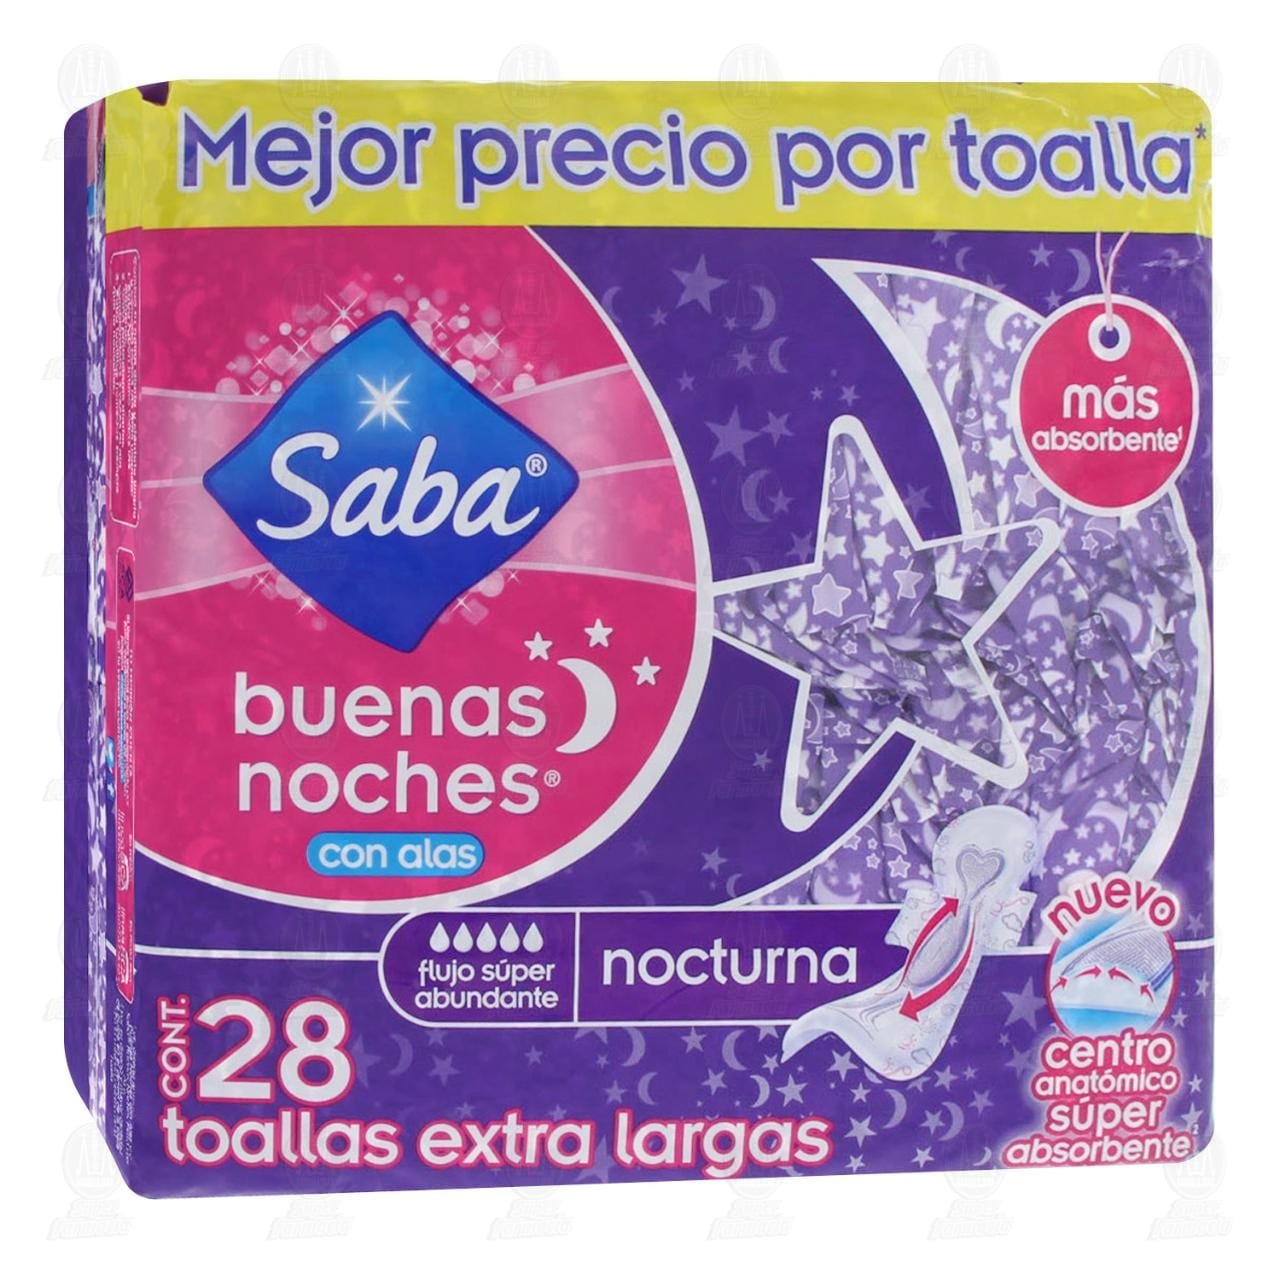 Toallas Sanitarias Saba Buenas Noches Extra Largas con Alas, 28 pzas.